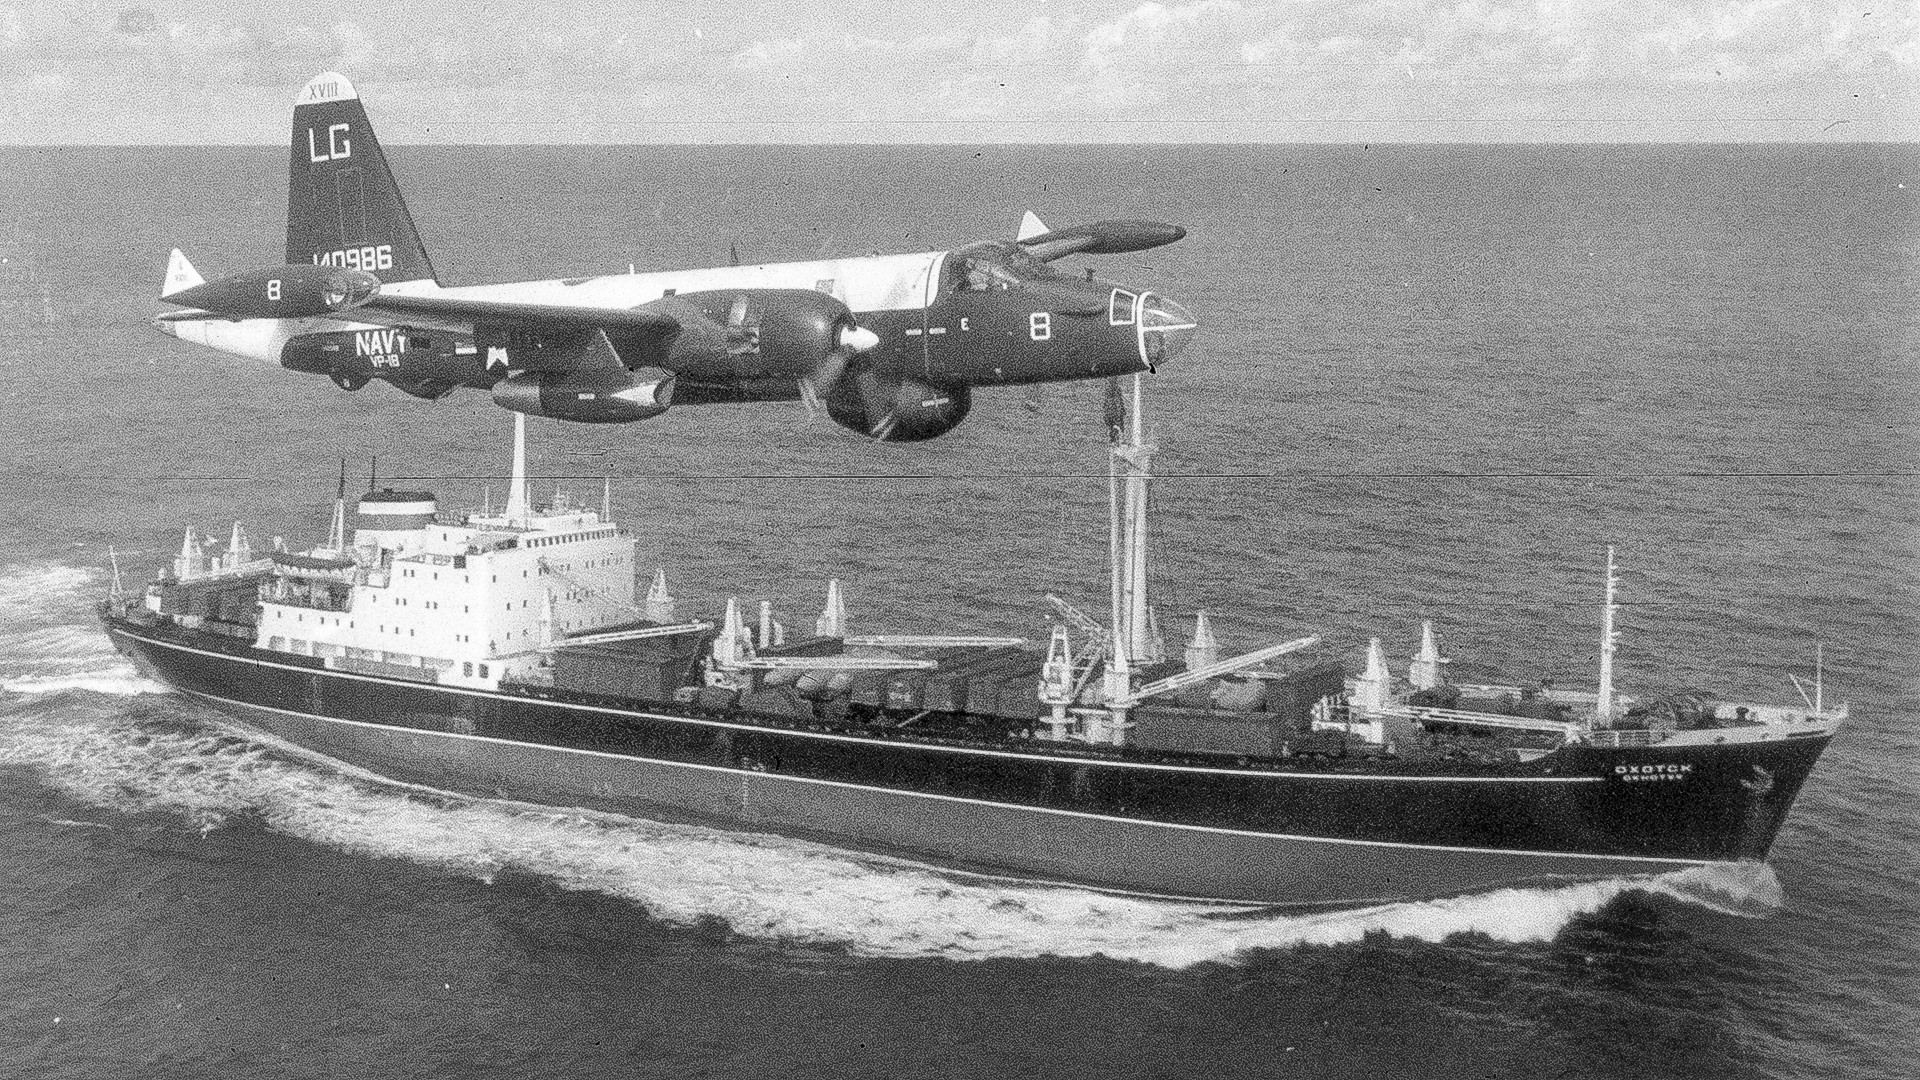 この1962年の写真に写っているのは、キューバ危機の時に、ソ連の貨物船の上を米国の対潜哨戒機「P-2 ネプチューン」が飛んでいる様子。2002年10月に開かれた、キューバ危機の40周年を記念する会議を訪問したロシアと米国の旧高官は、「政府たちが思っていたよりも、1962年の米ソ対立の時に世界は核紛争に近かった」と語った。